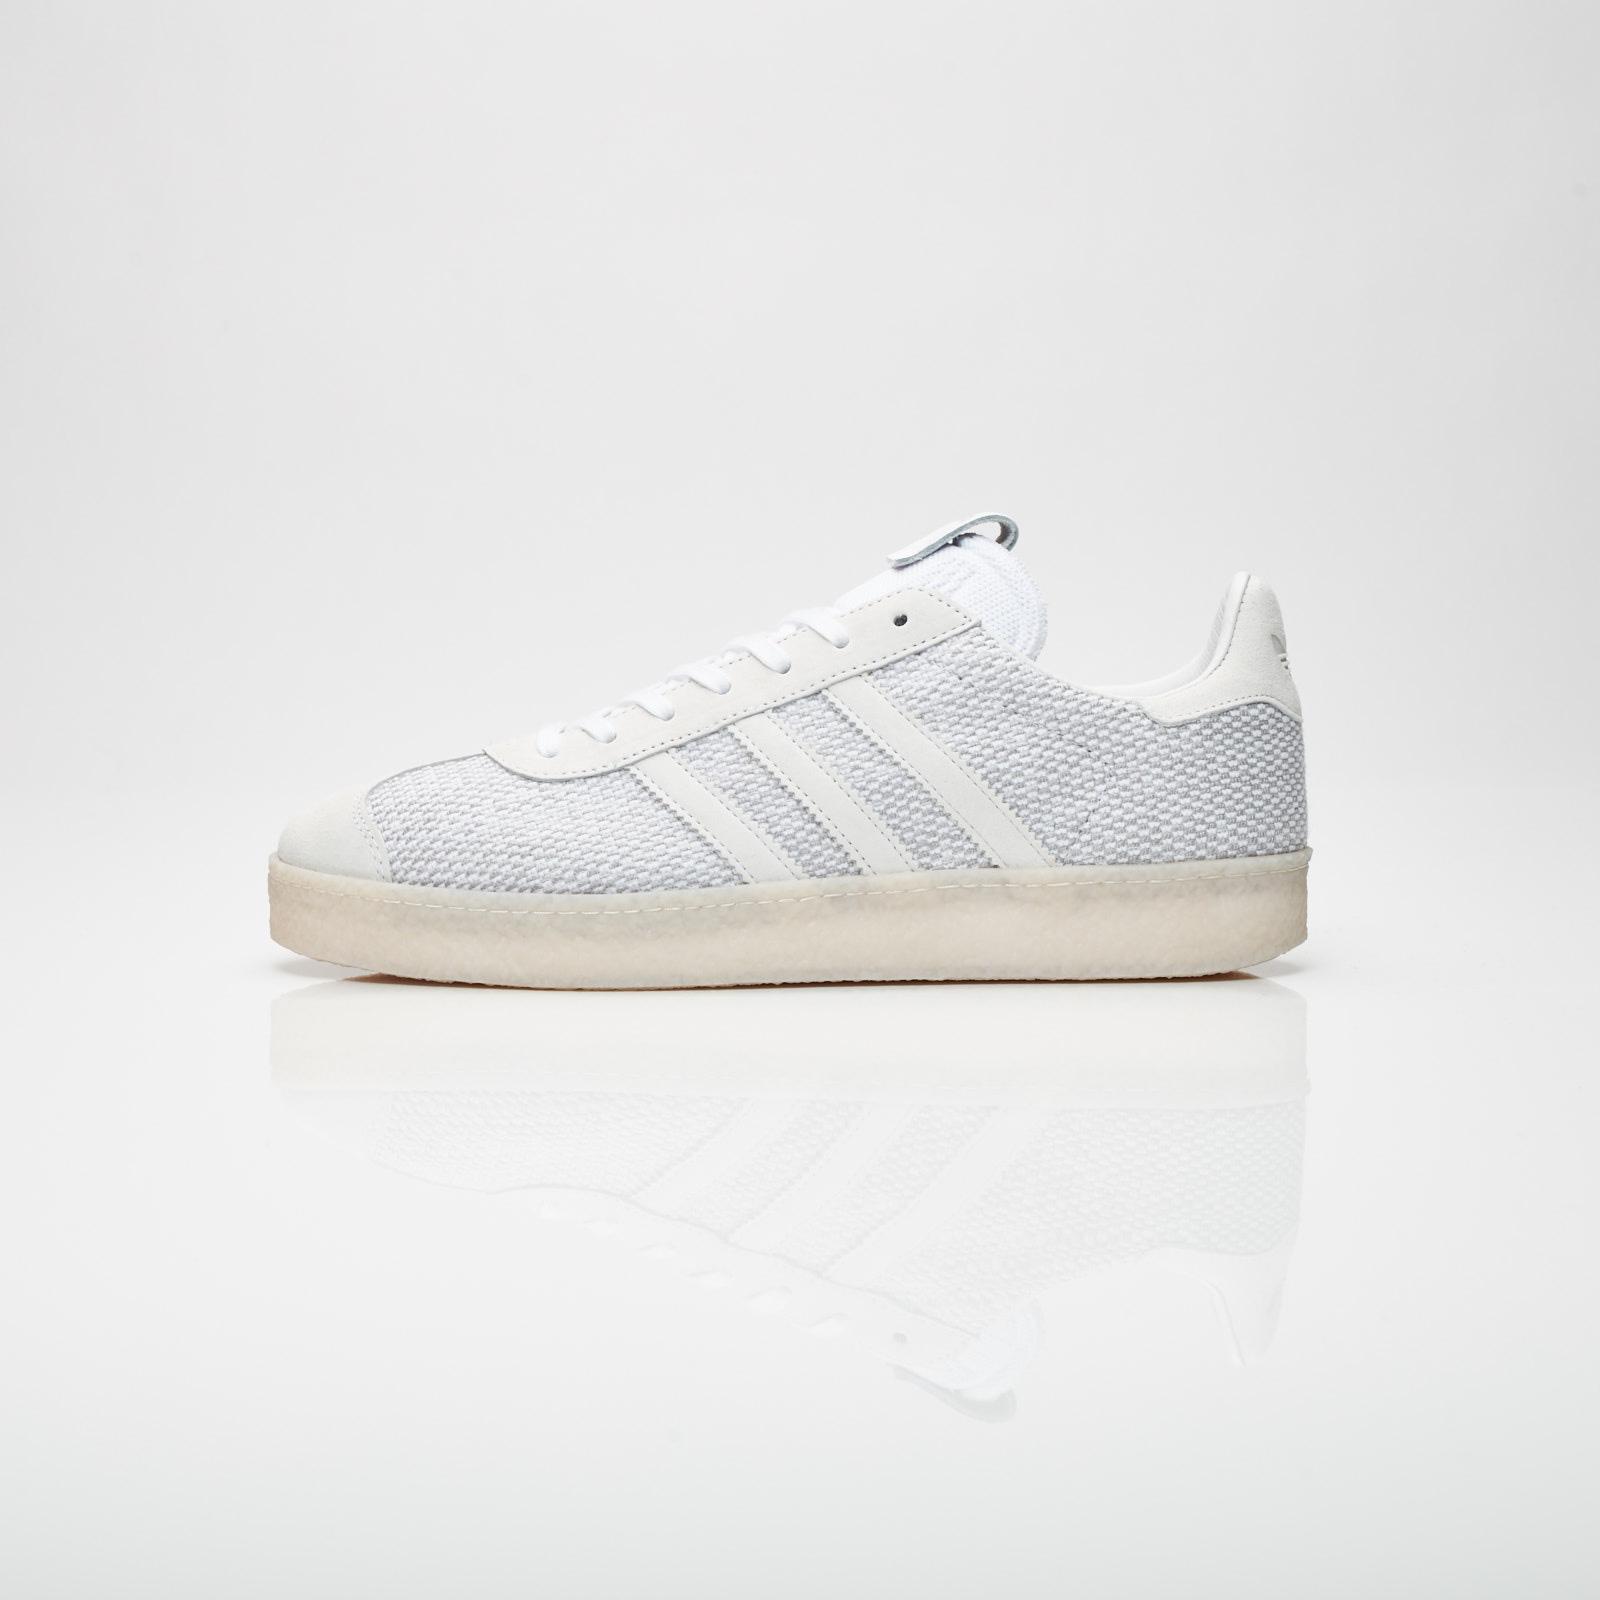 adidas Gazelle PK Juice - Db1628 - SNS   sneakers & streetwear ...